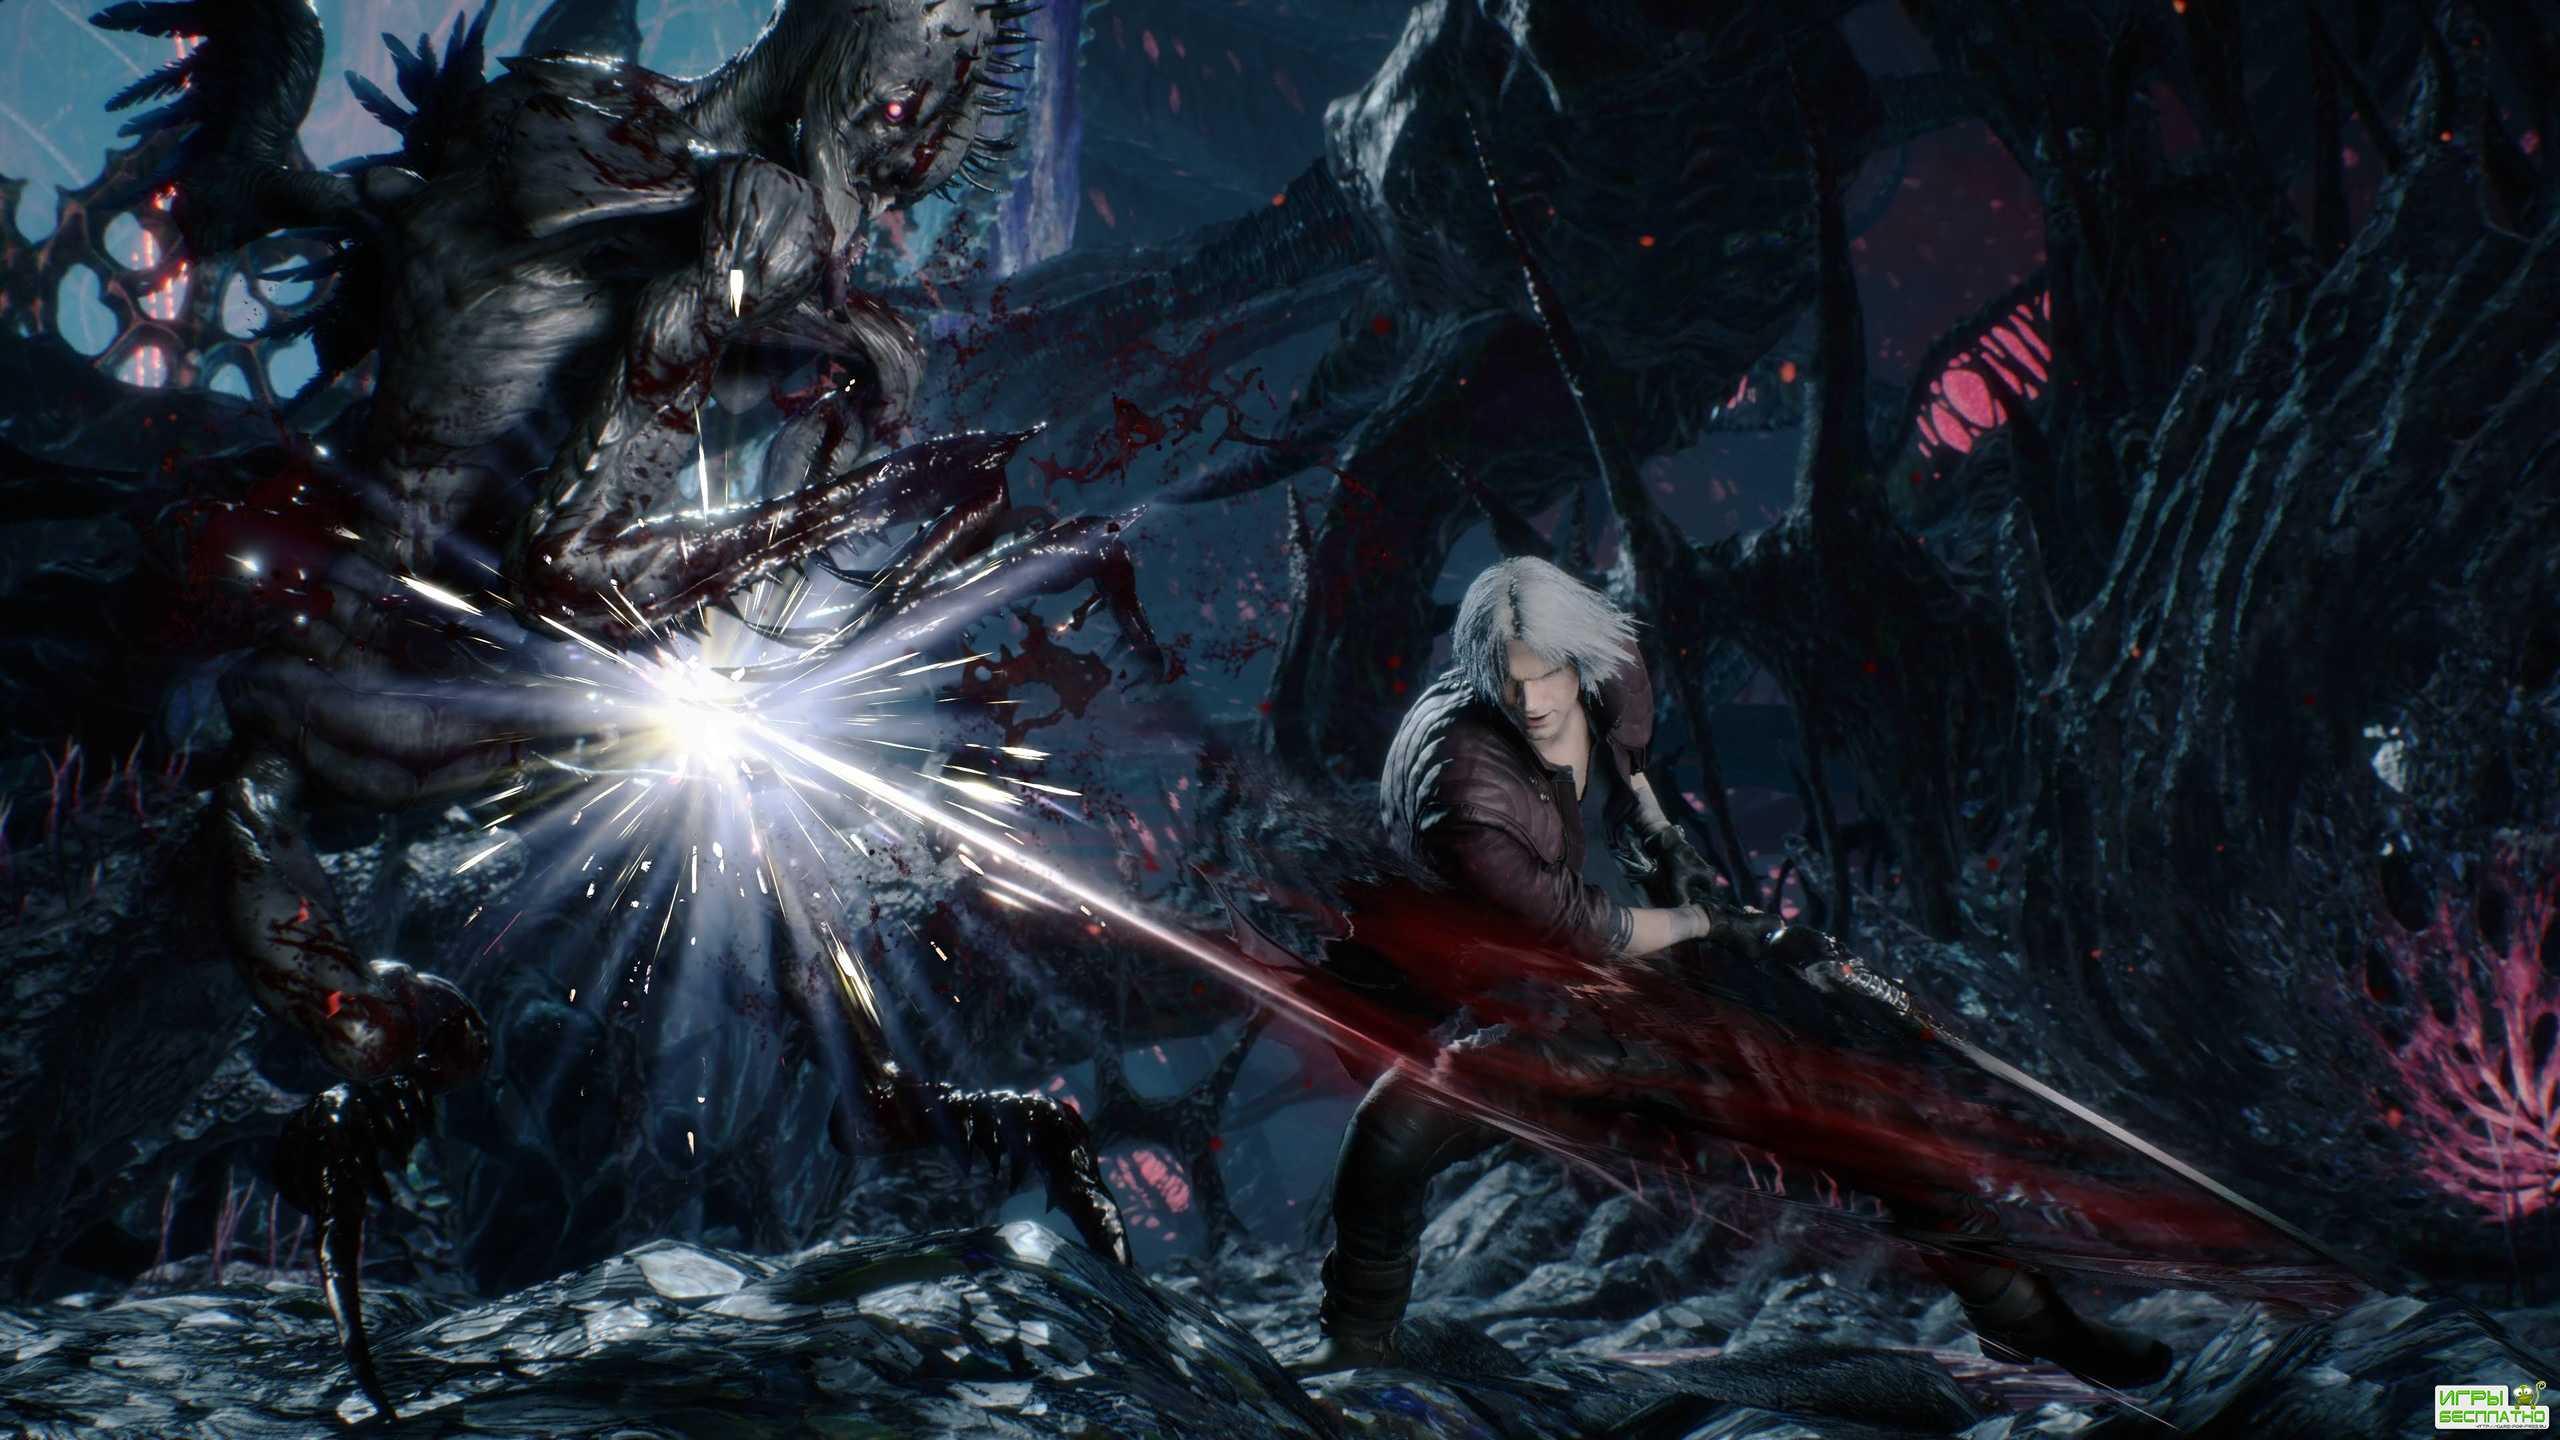 Геймдизайнер Devil May Cry 5 и Dragon's Dogma работает над новой игрой